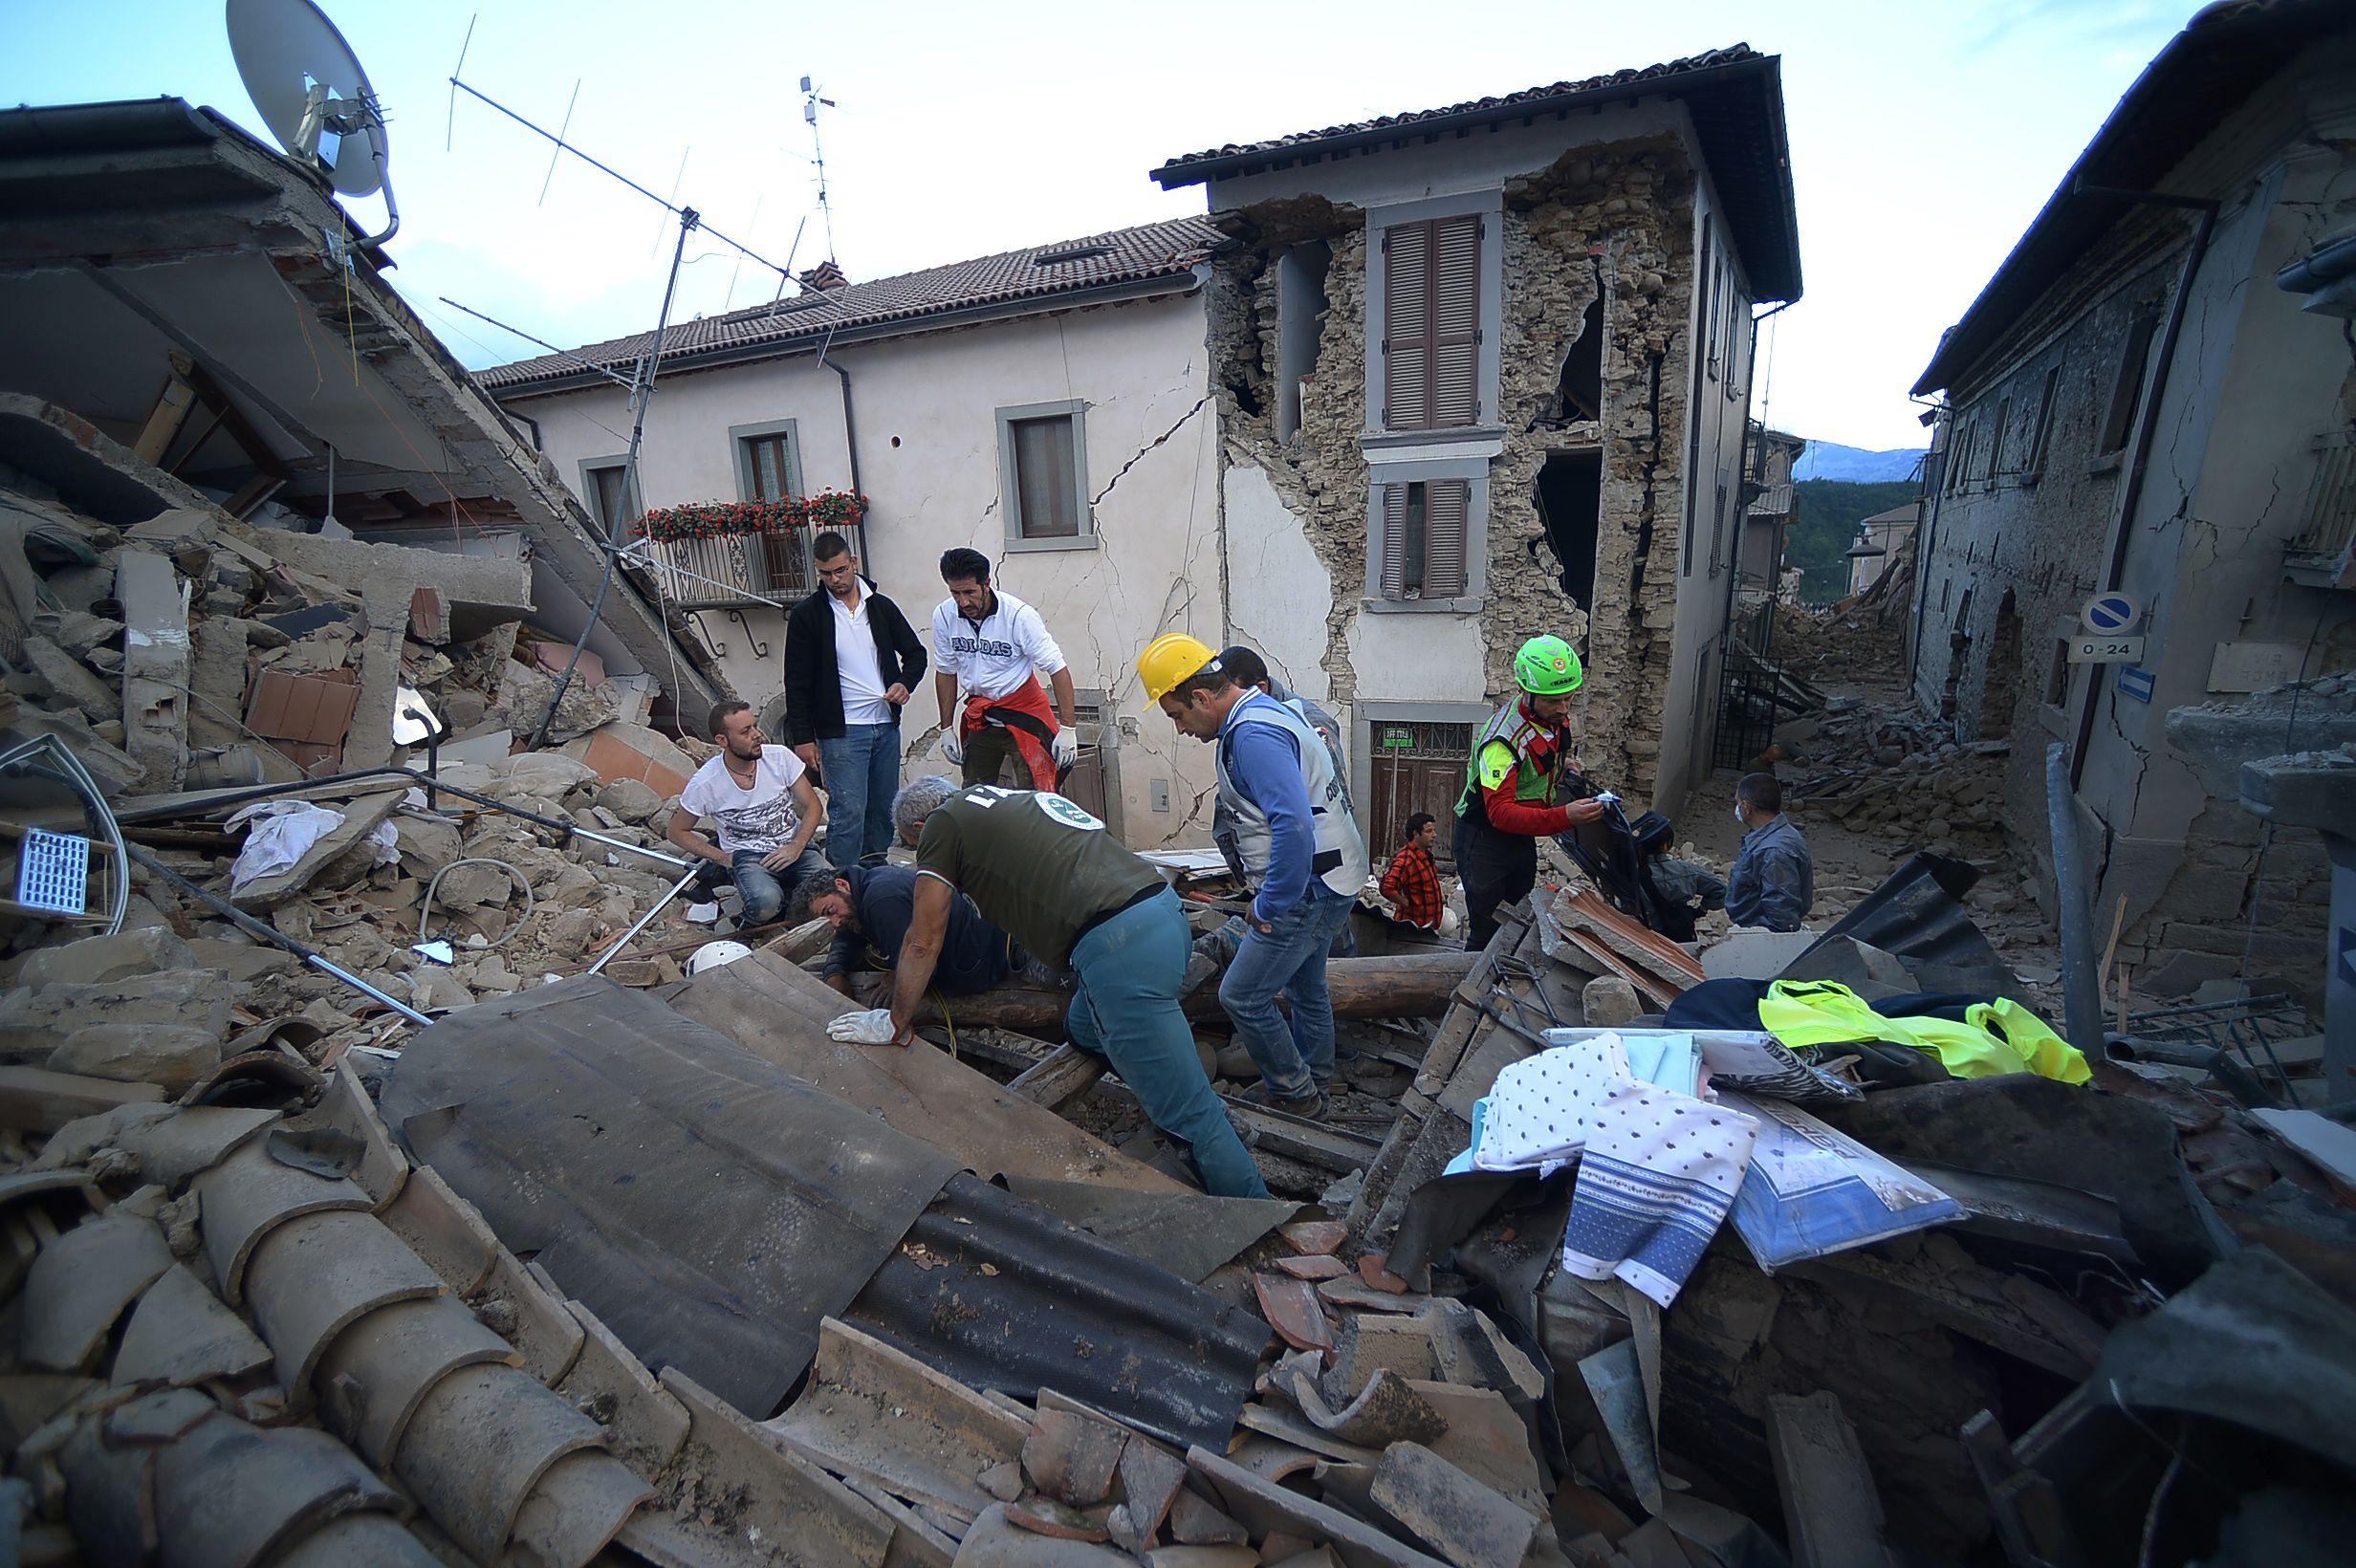 سفارة المغرب بروما: لا وجود لمغاربة ضمن ضحايا الزلزال الذي ضرب شمال شرق إيطاليا